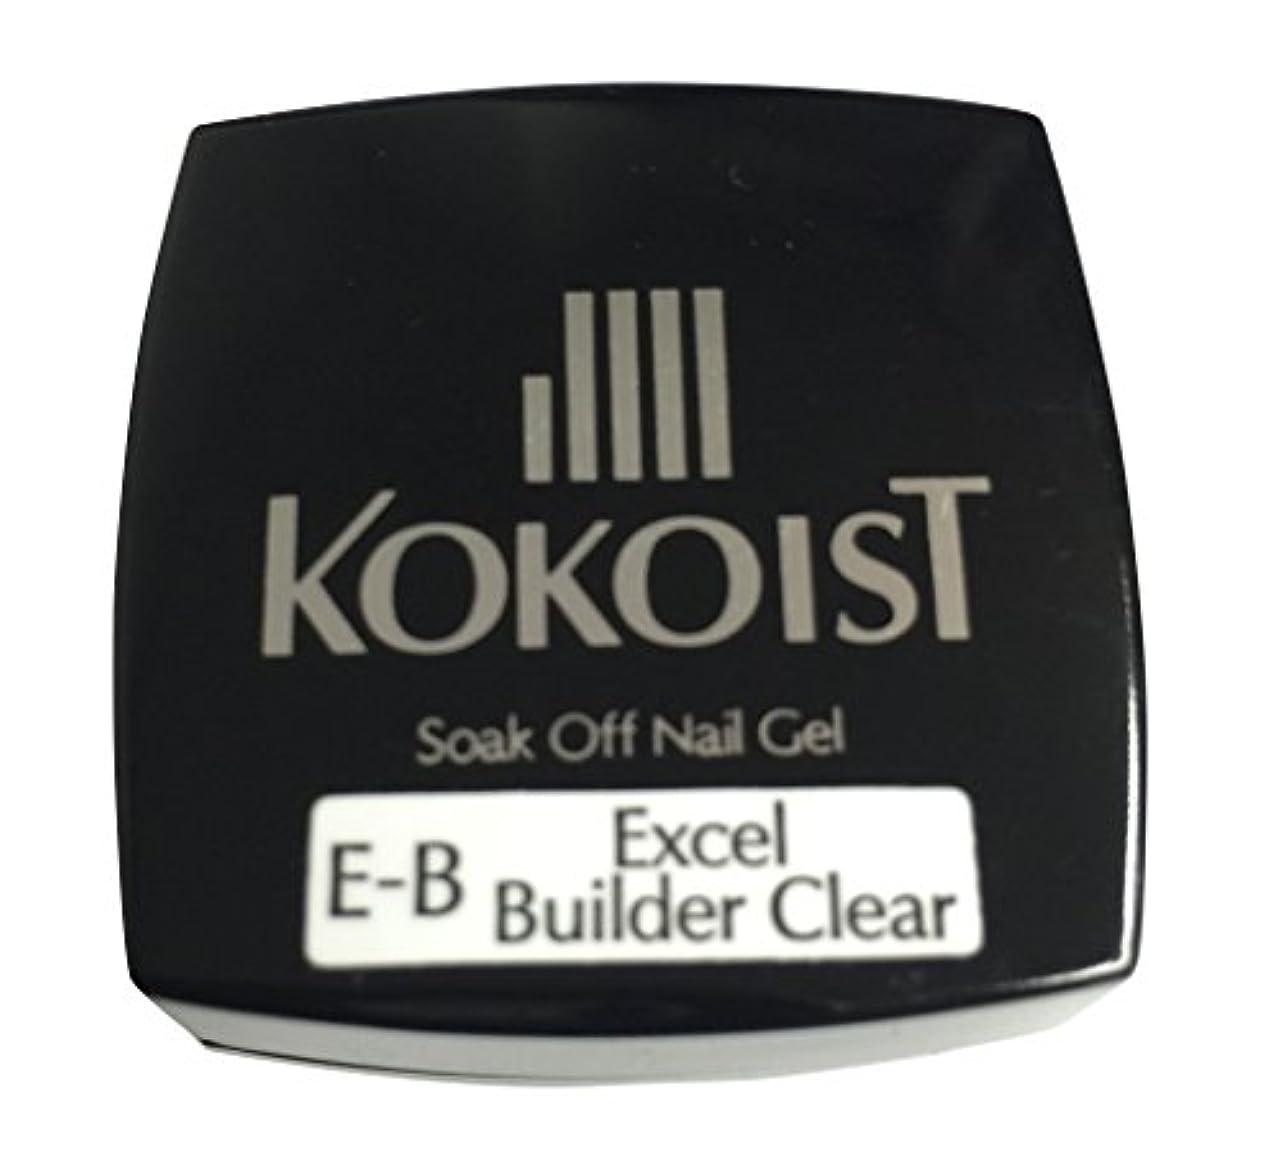 堤防通行人弱いKOKOIST(ココイスト) ソークオフクリアジェル エクセルビルダー  4g